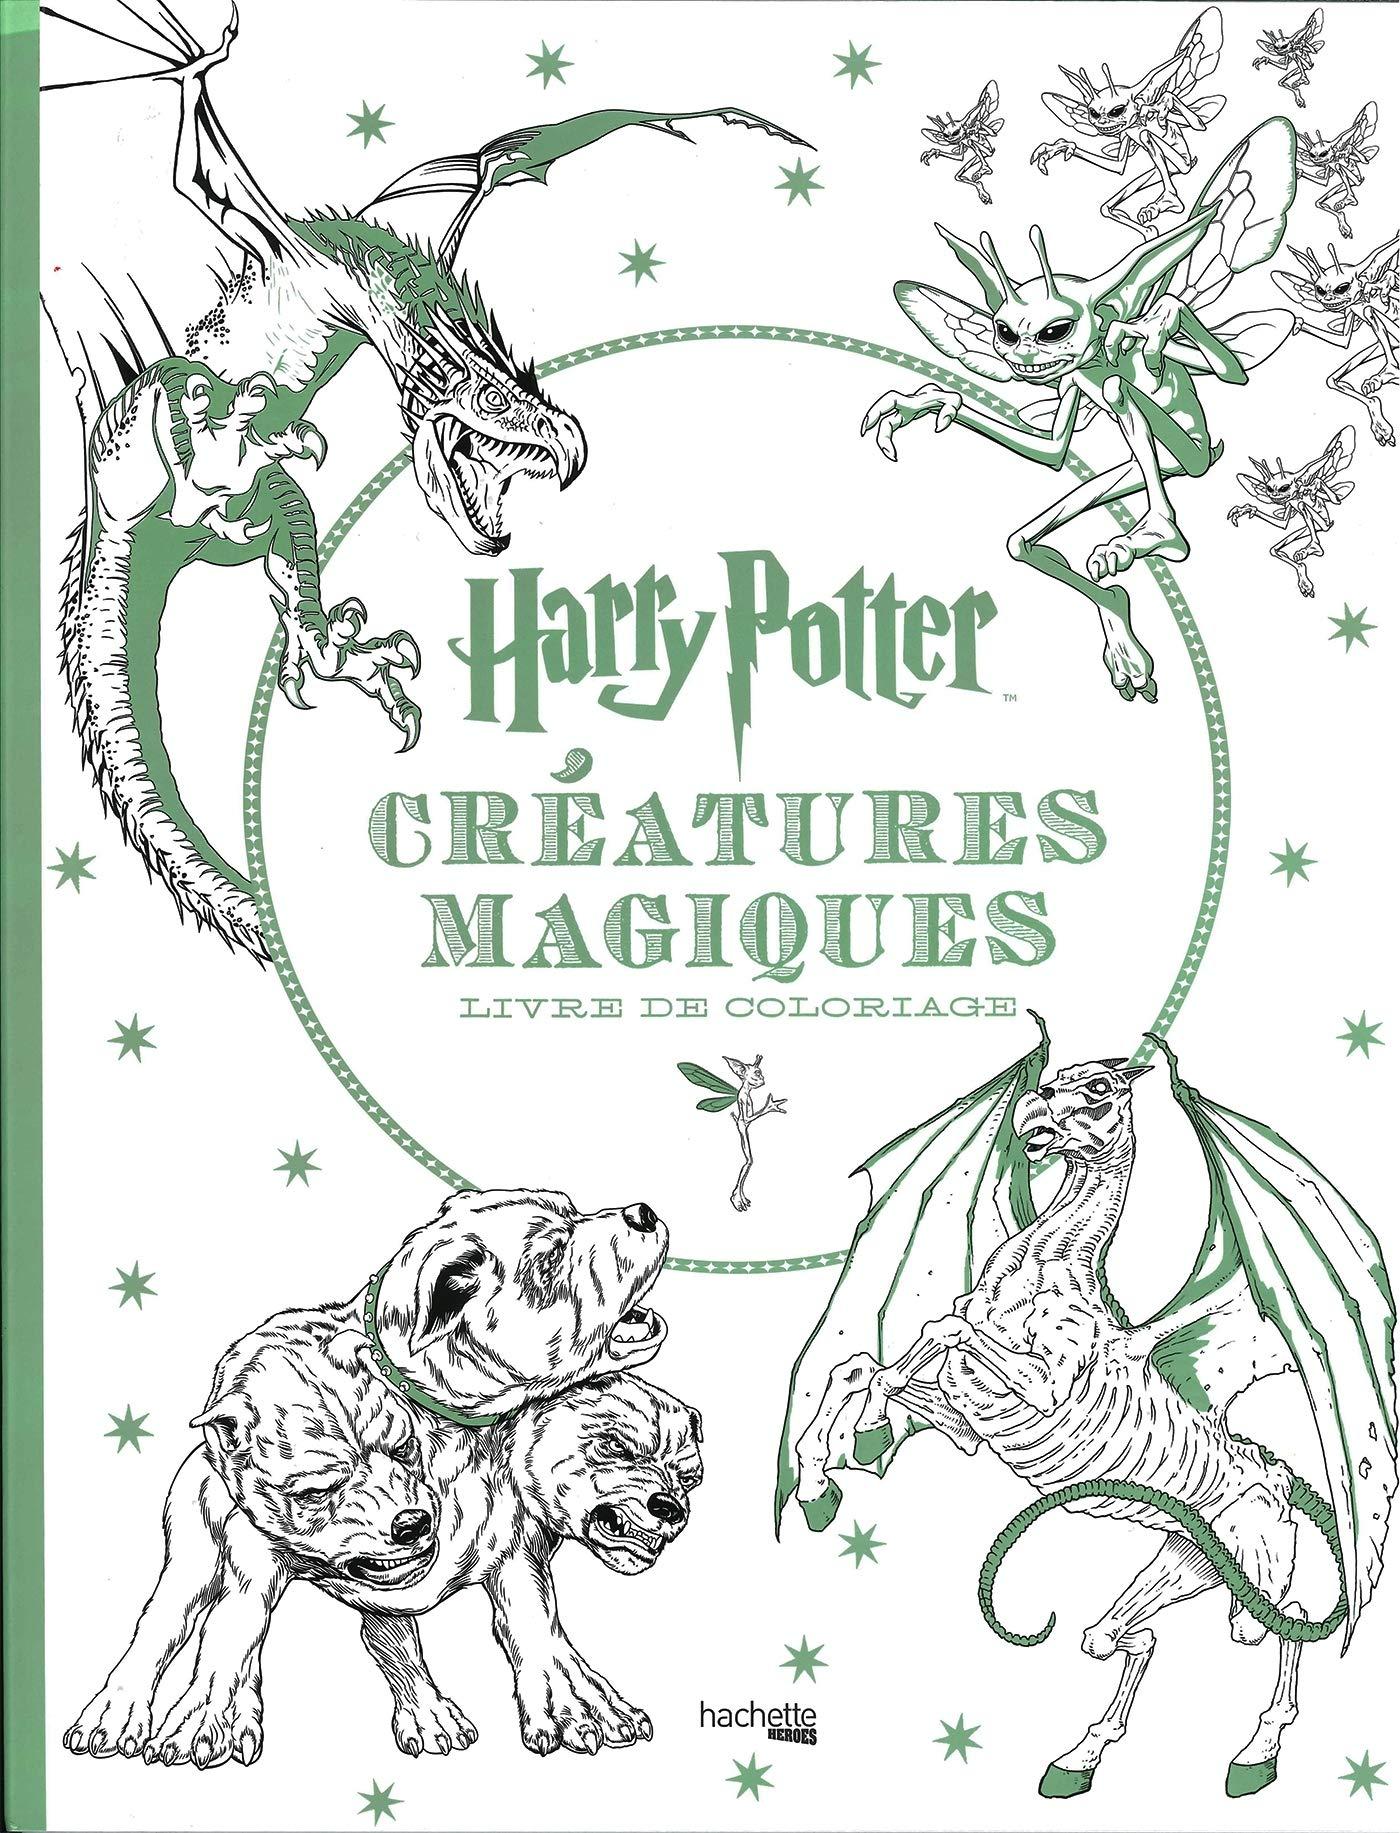 Harry Potter Creatures Magiques Livre De Coloriage Coloring Book Heroes French Edition Collectif Hachette 9782011459213 Amazon Com Books